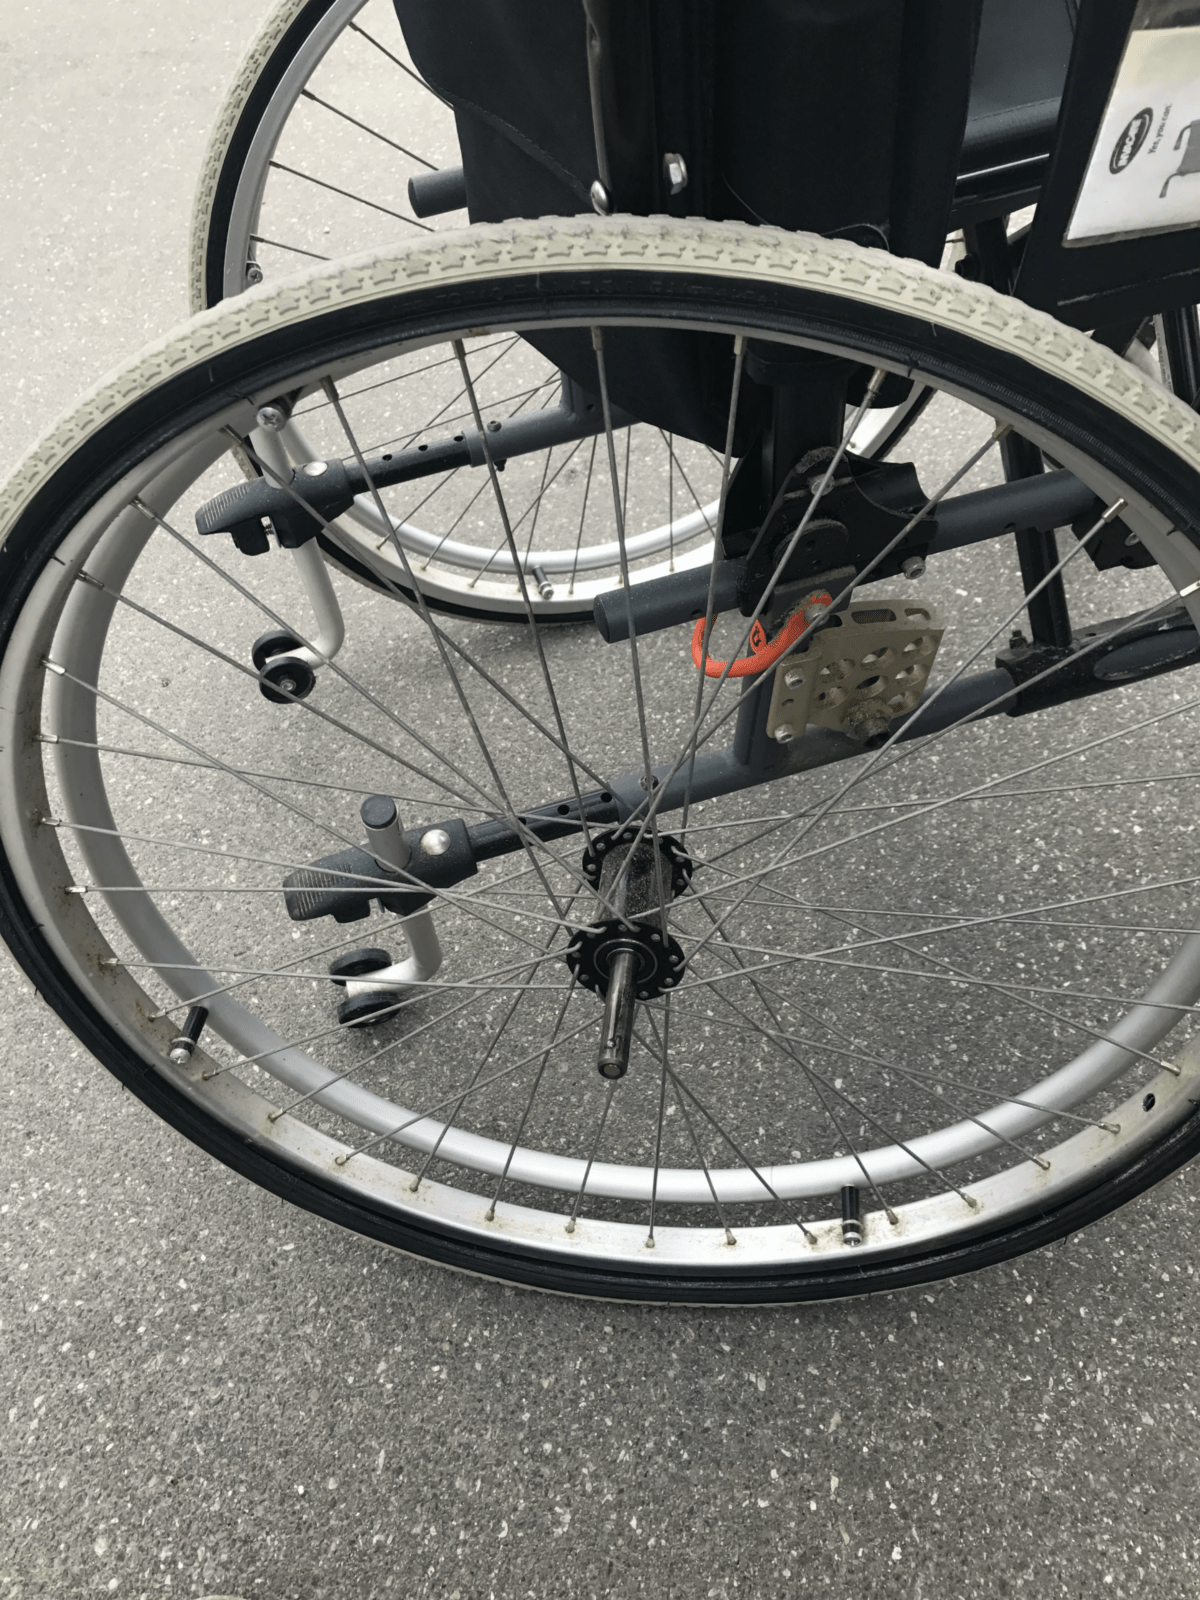 Er din kørestol flad eller trænger den til nye dæk og slanger